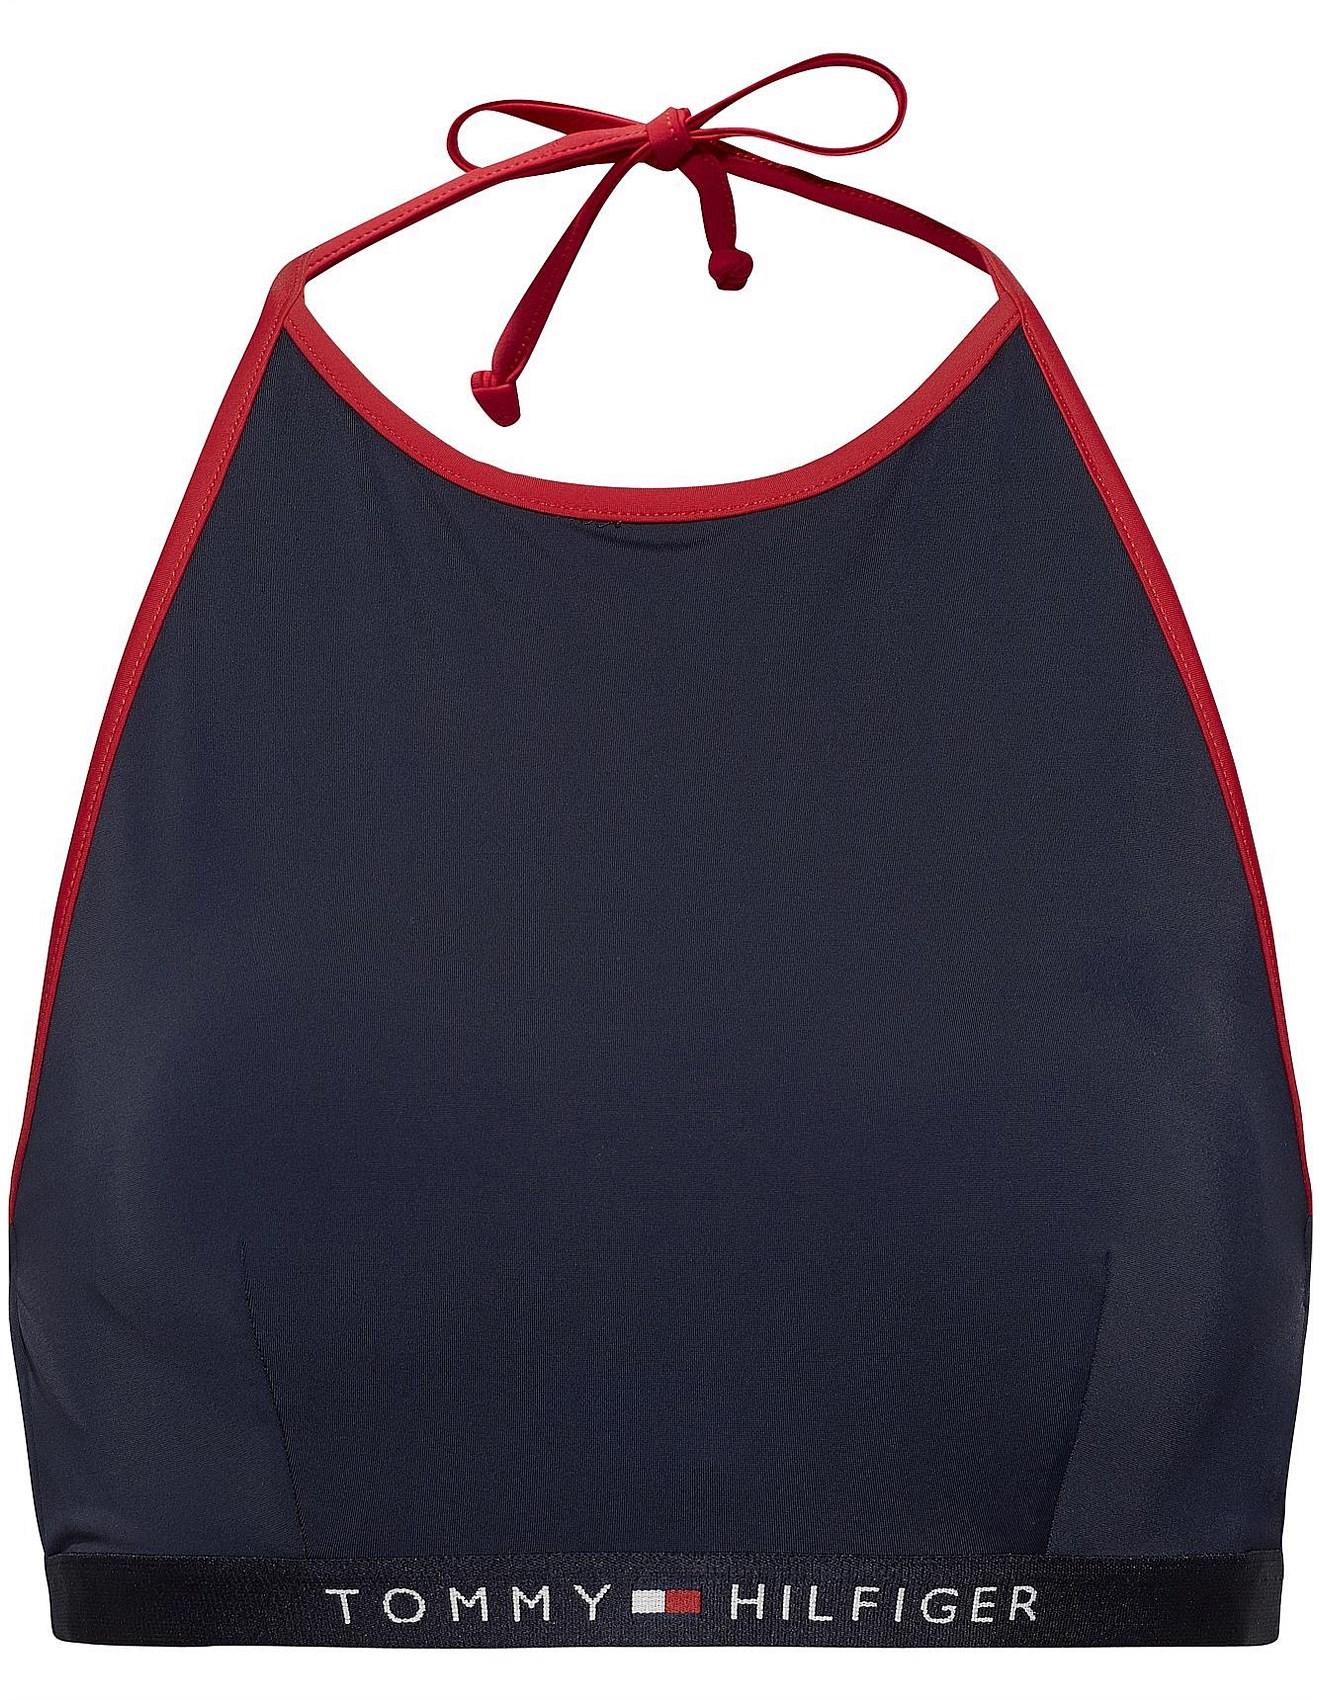 c39be2472 Women's Swimwear | Buy Bikinis & Swimsuits Online | David Jones - Tommy  Hilfiger Logo Crop Top